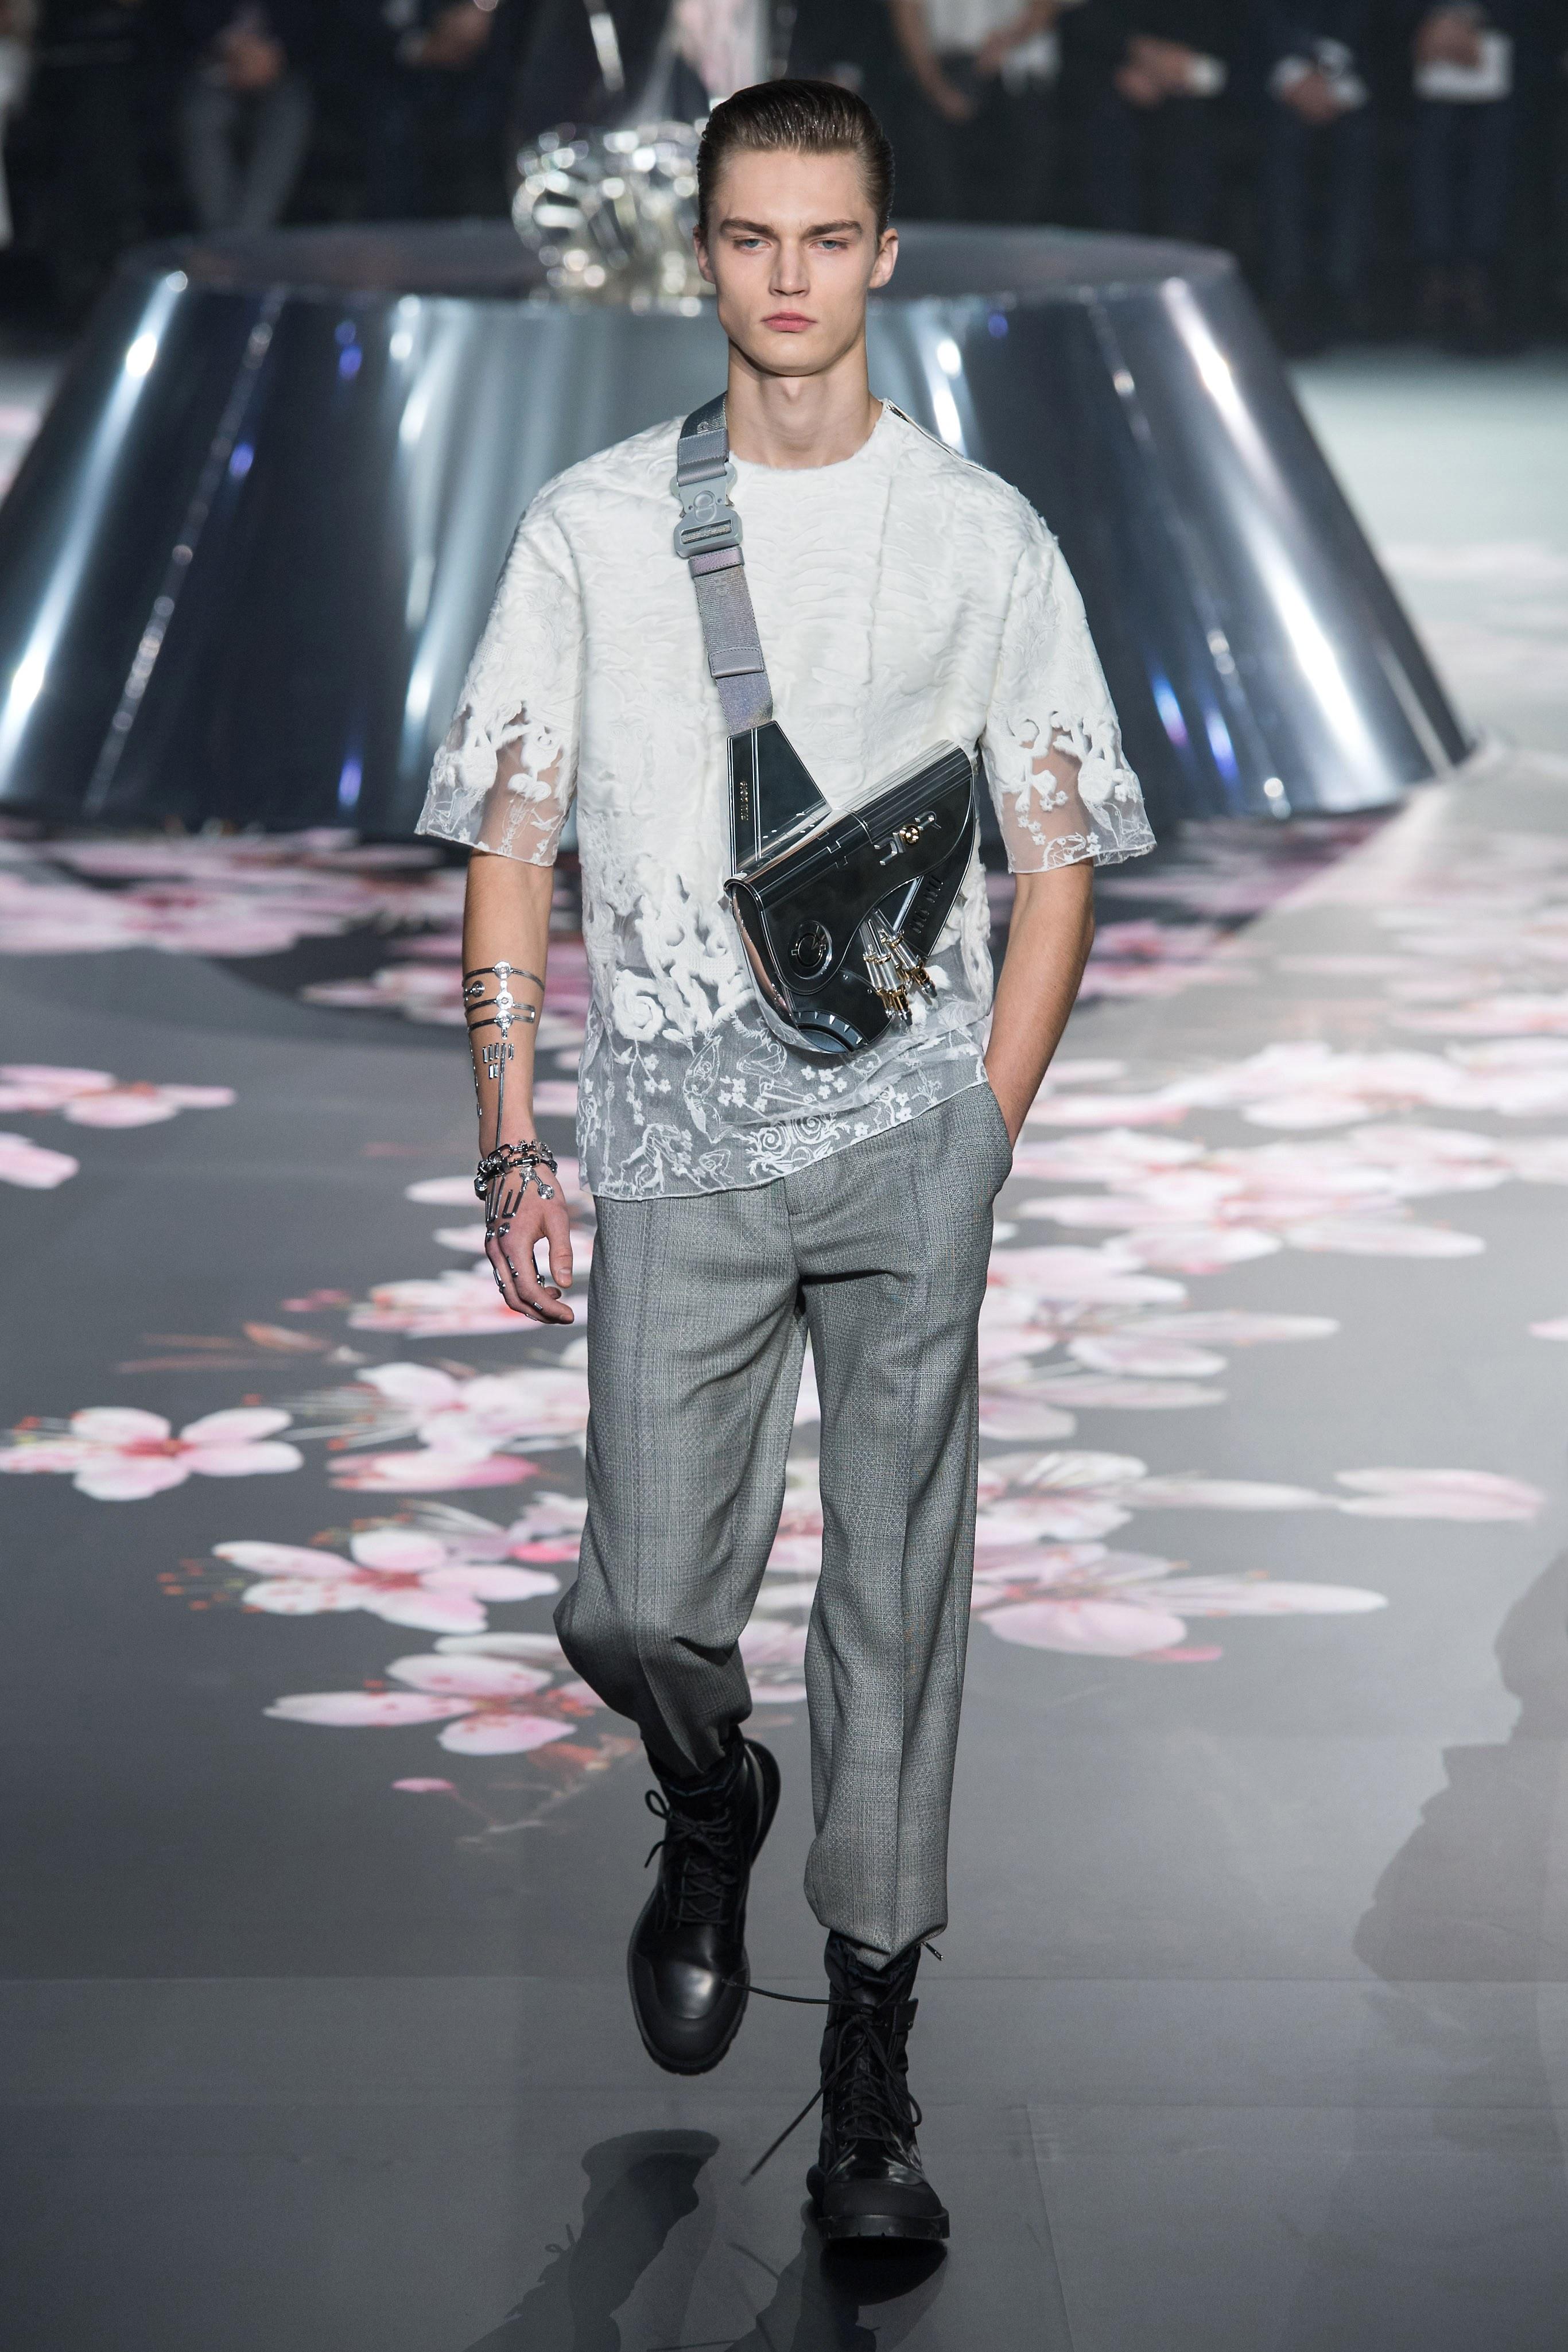 Chiếc túi Saddle Bag trứ danh Dior được phá cách , nâng tầm cá tính để phù hợp với hình ảnh hiện đại của các quý ông. Ảnh: Vogue